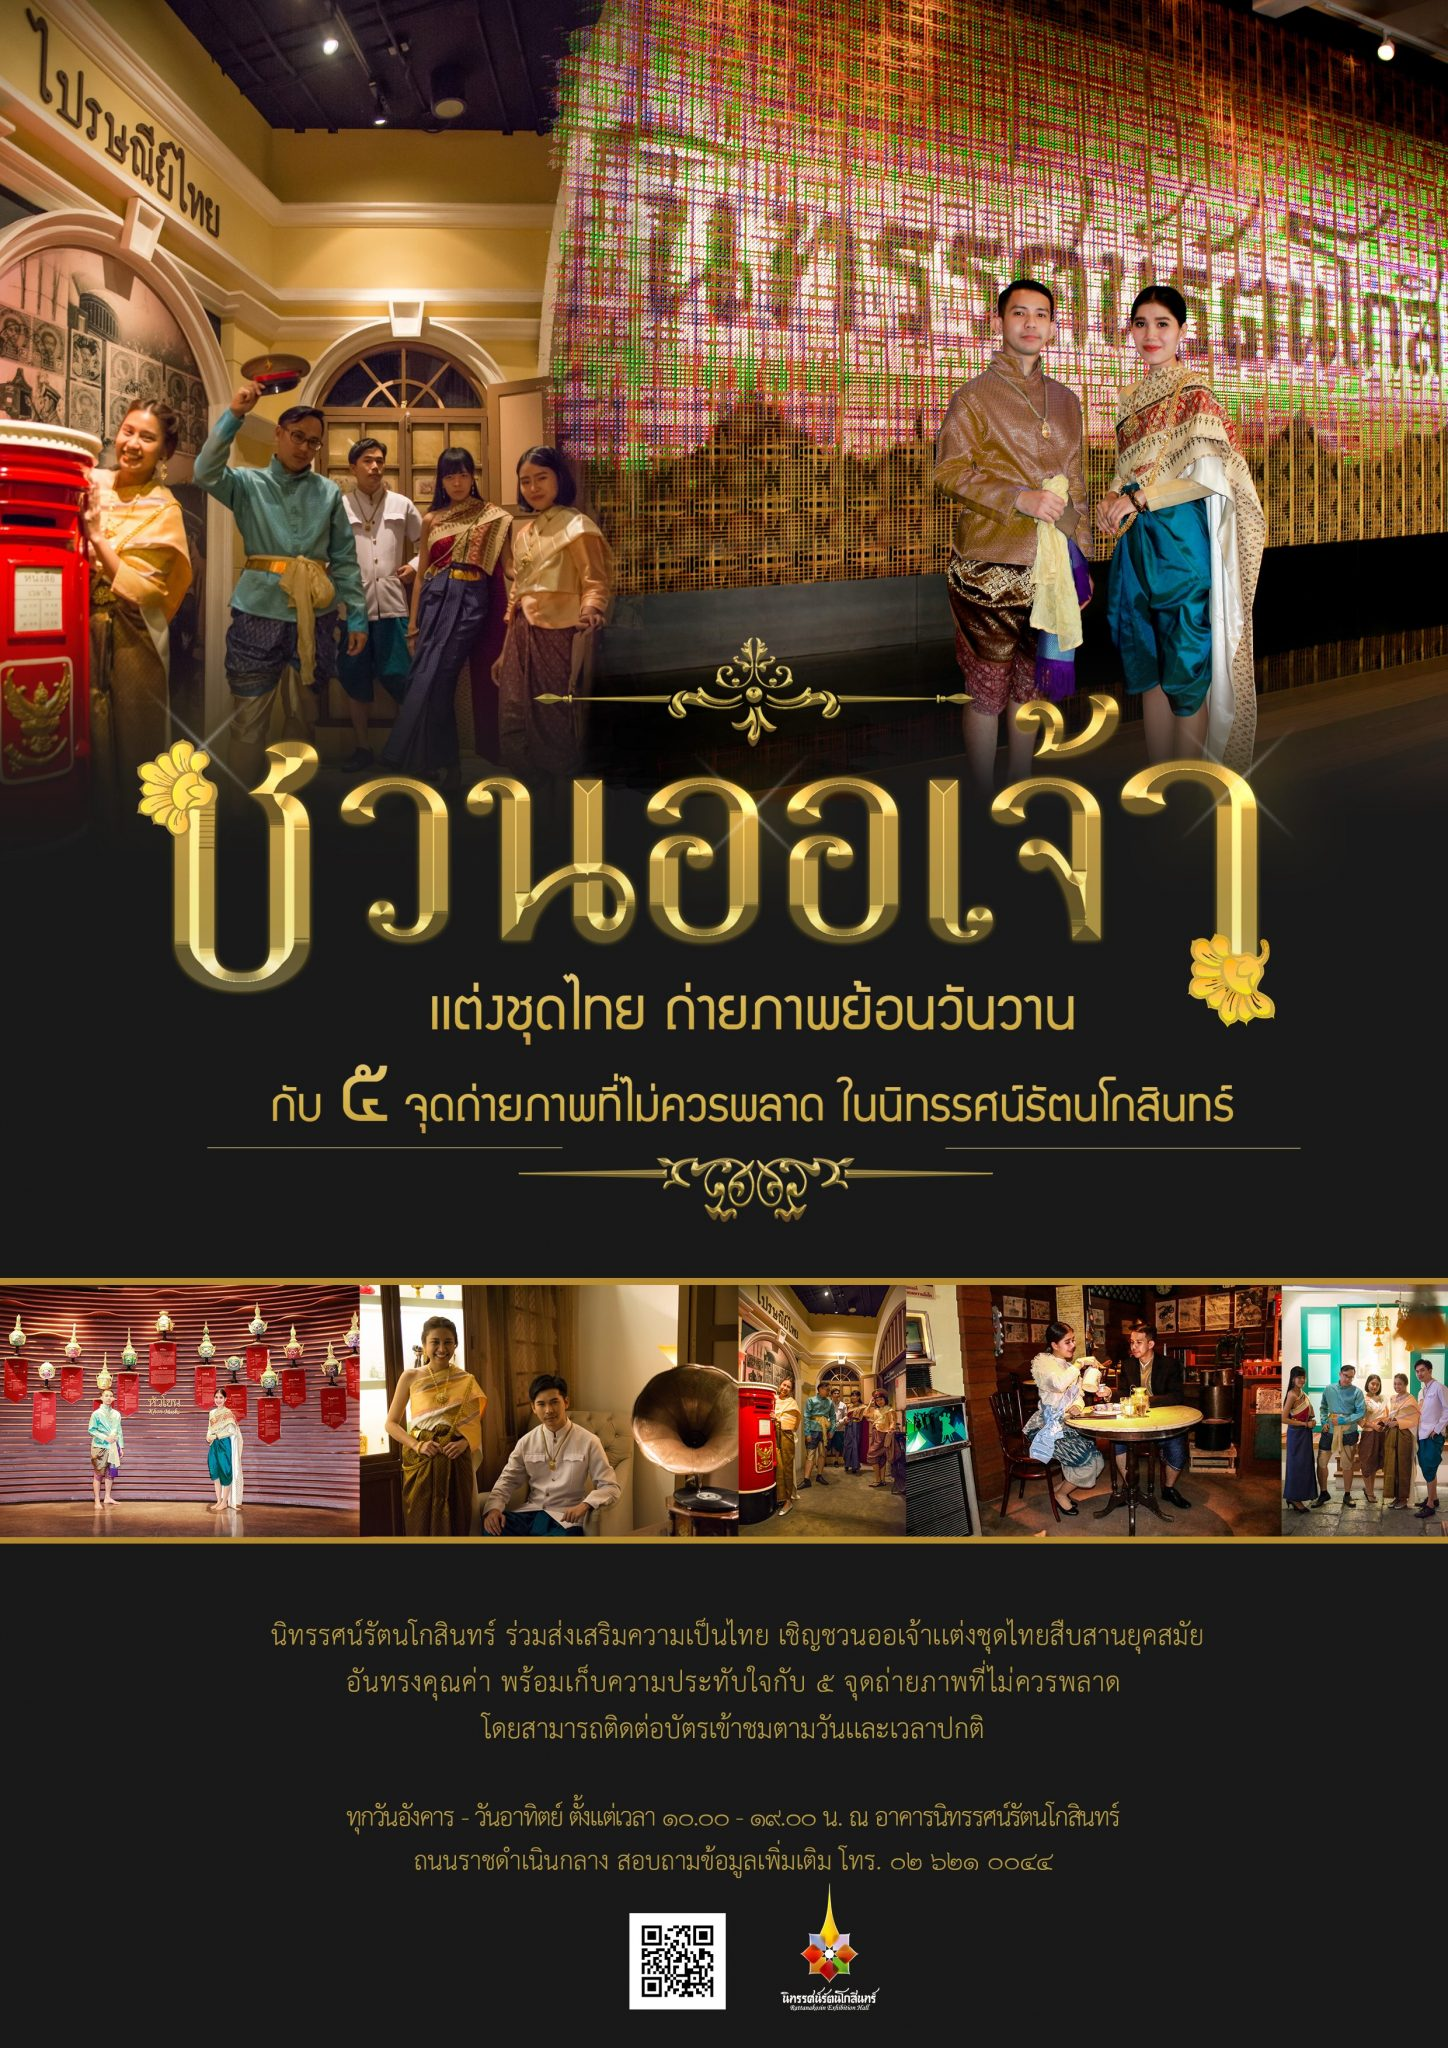 แต่งชุดไทยเที่ยวนิทรรศน์รัตนโกสินทร์ พร้อมถ่ายรูปสุดคลาสสิกย้อนวันวาน